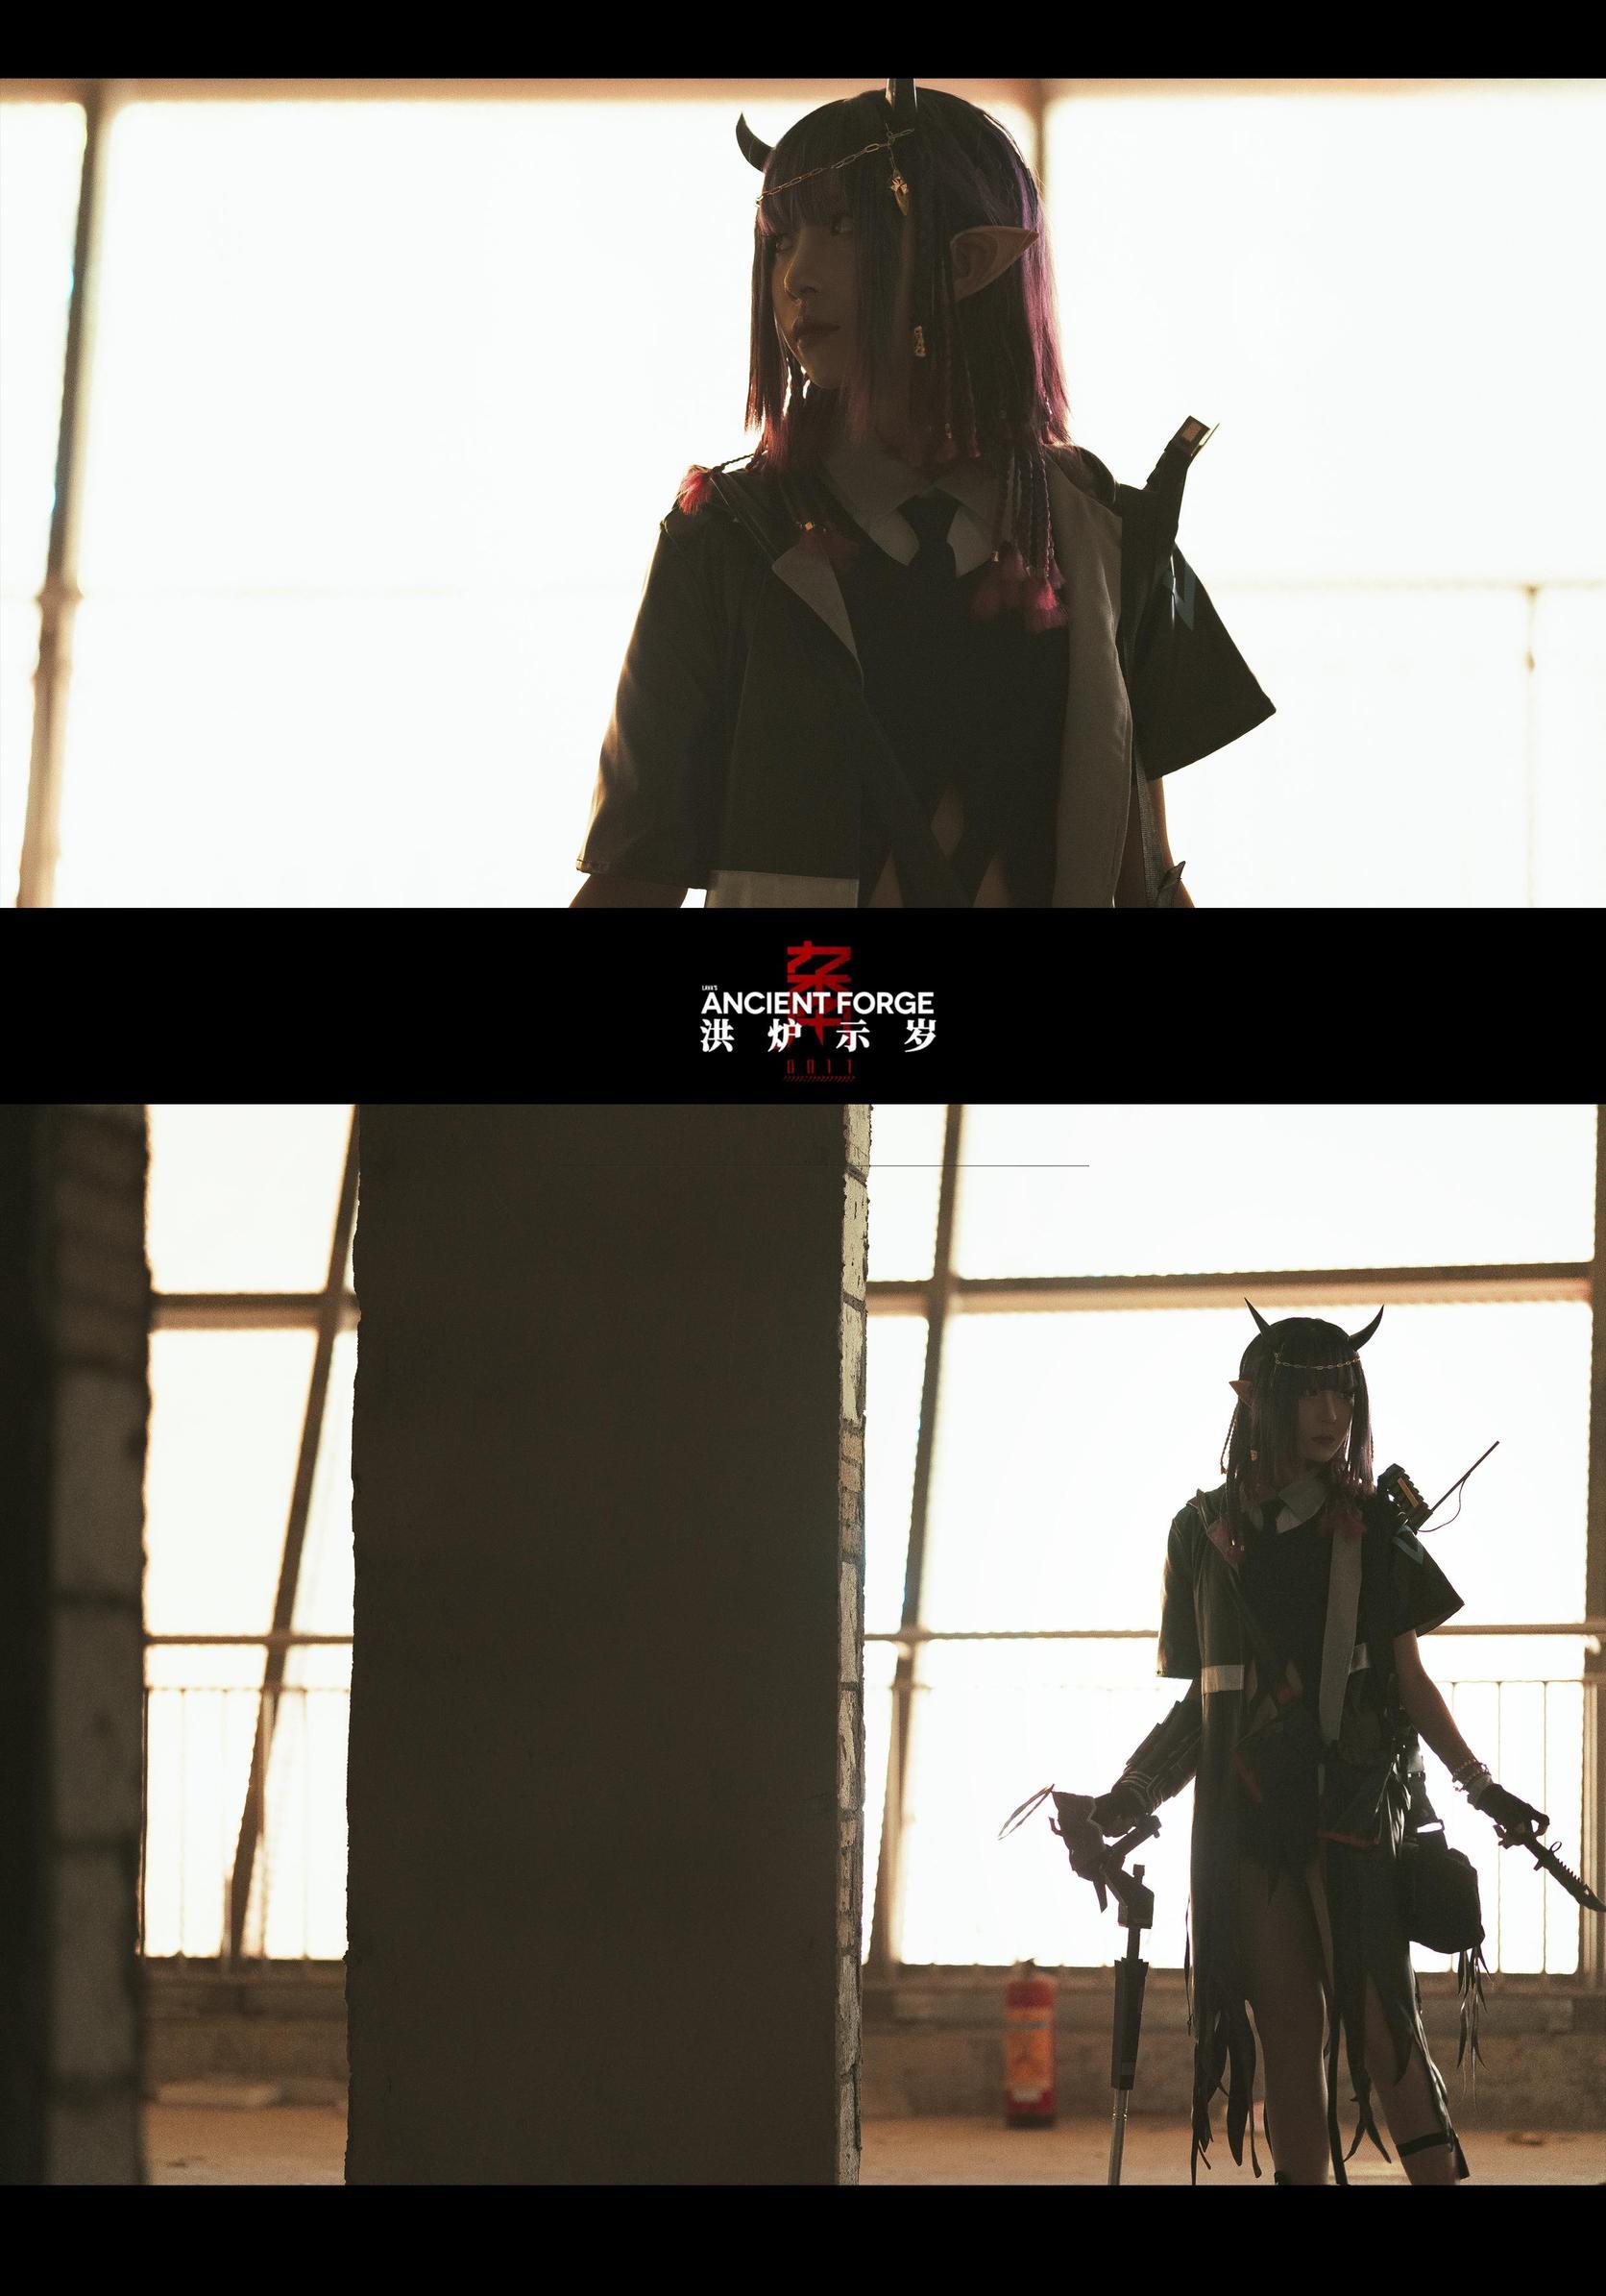 《明日方舟》游戏cosplay【CN:阿芷今天光合作用了吗】-第7张